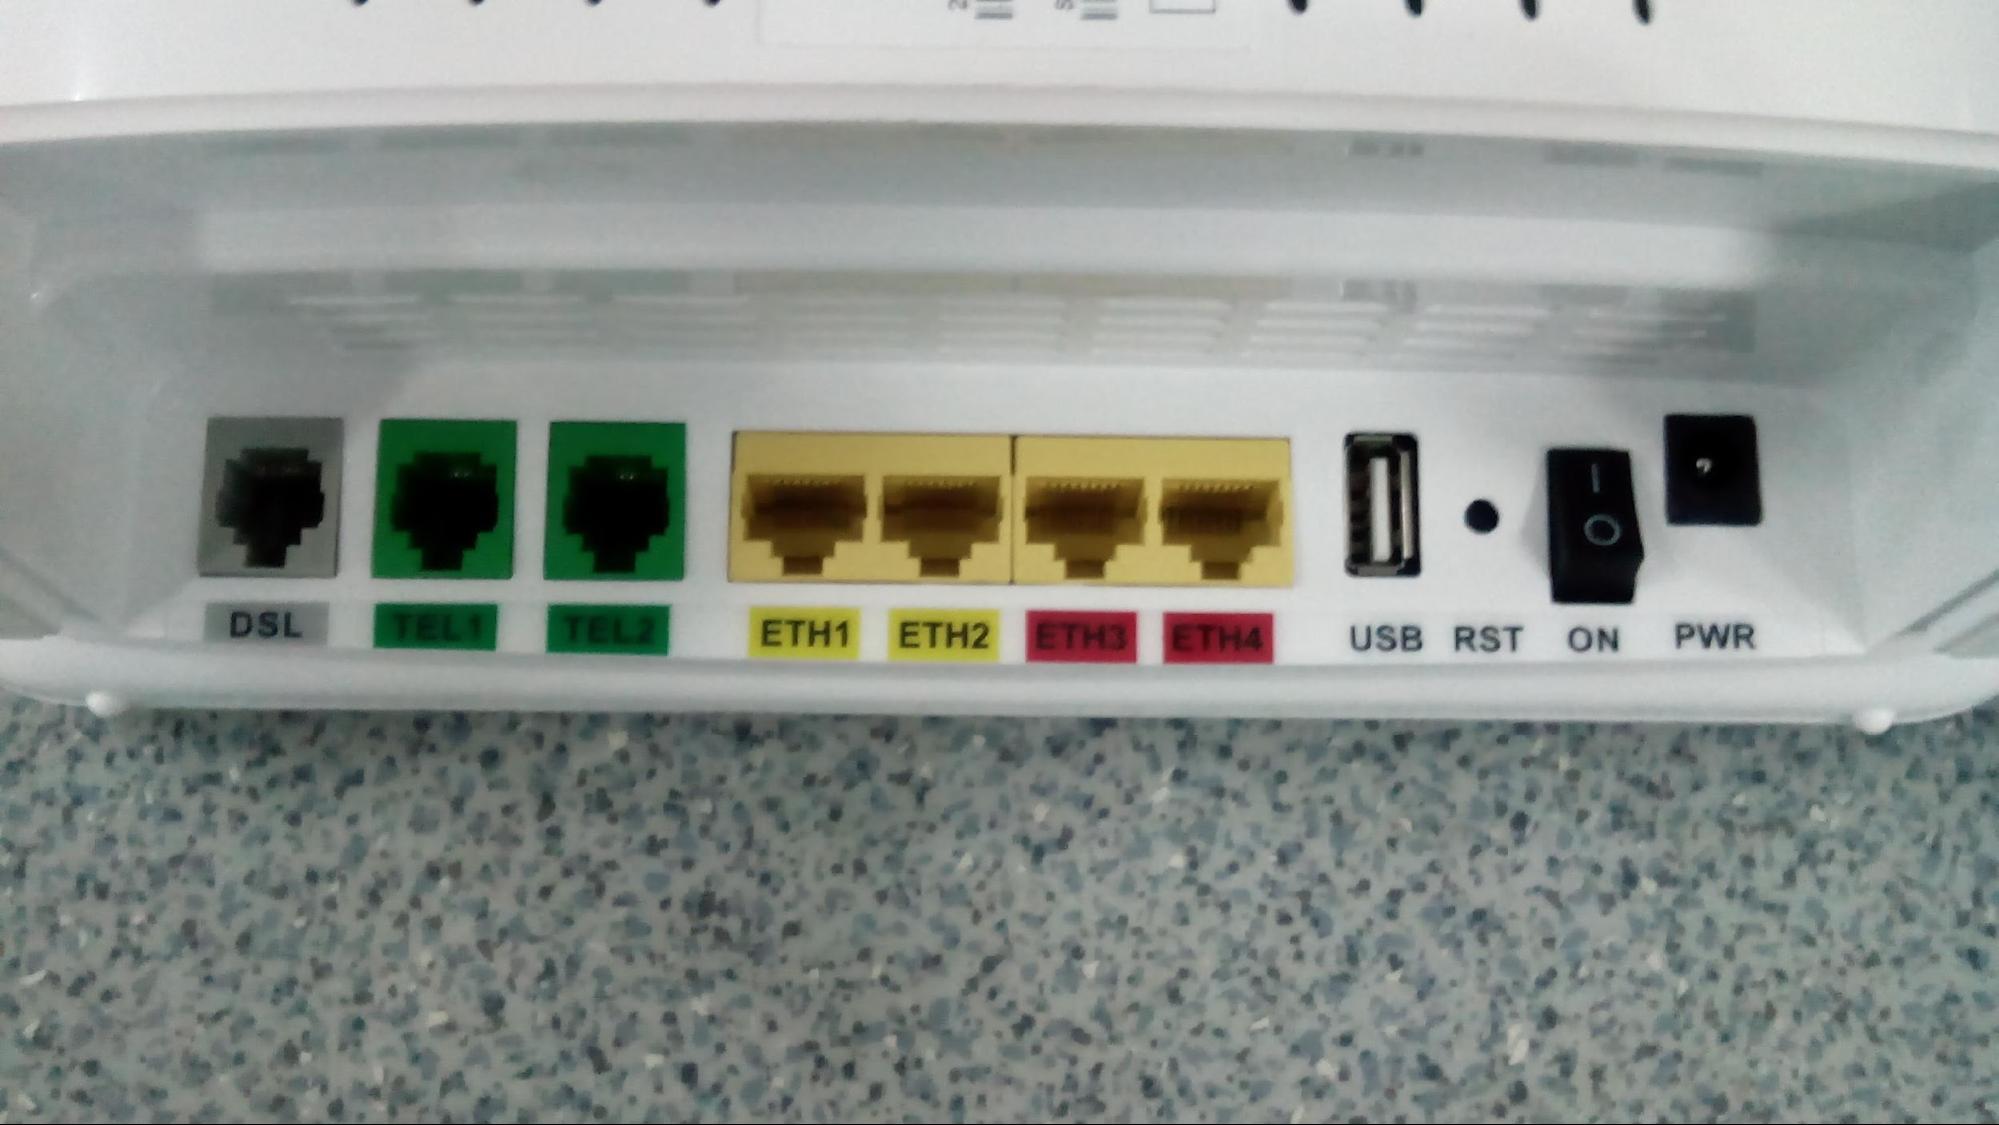 инструкция по подключению роутера к вайфаю f st 2804 v7